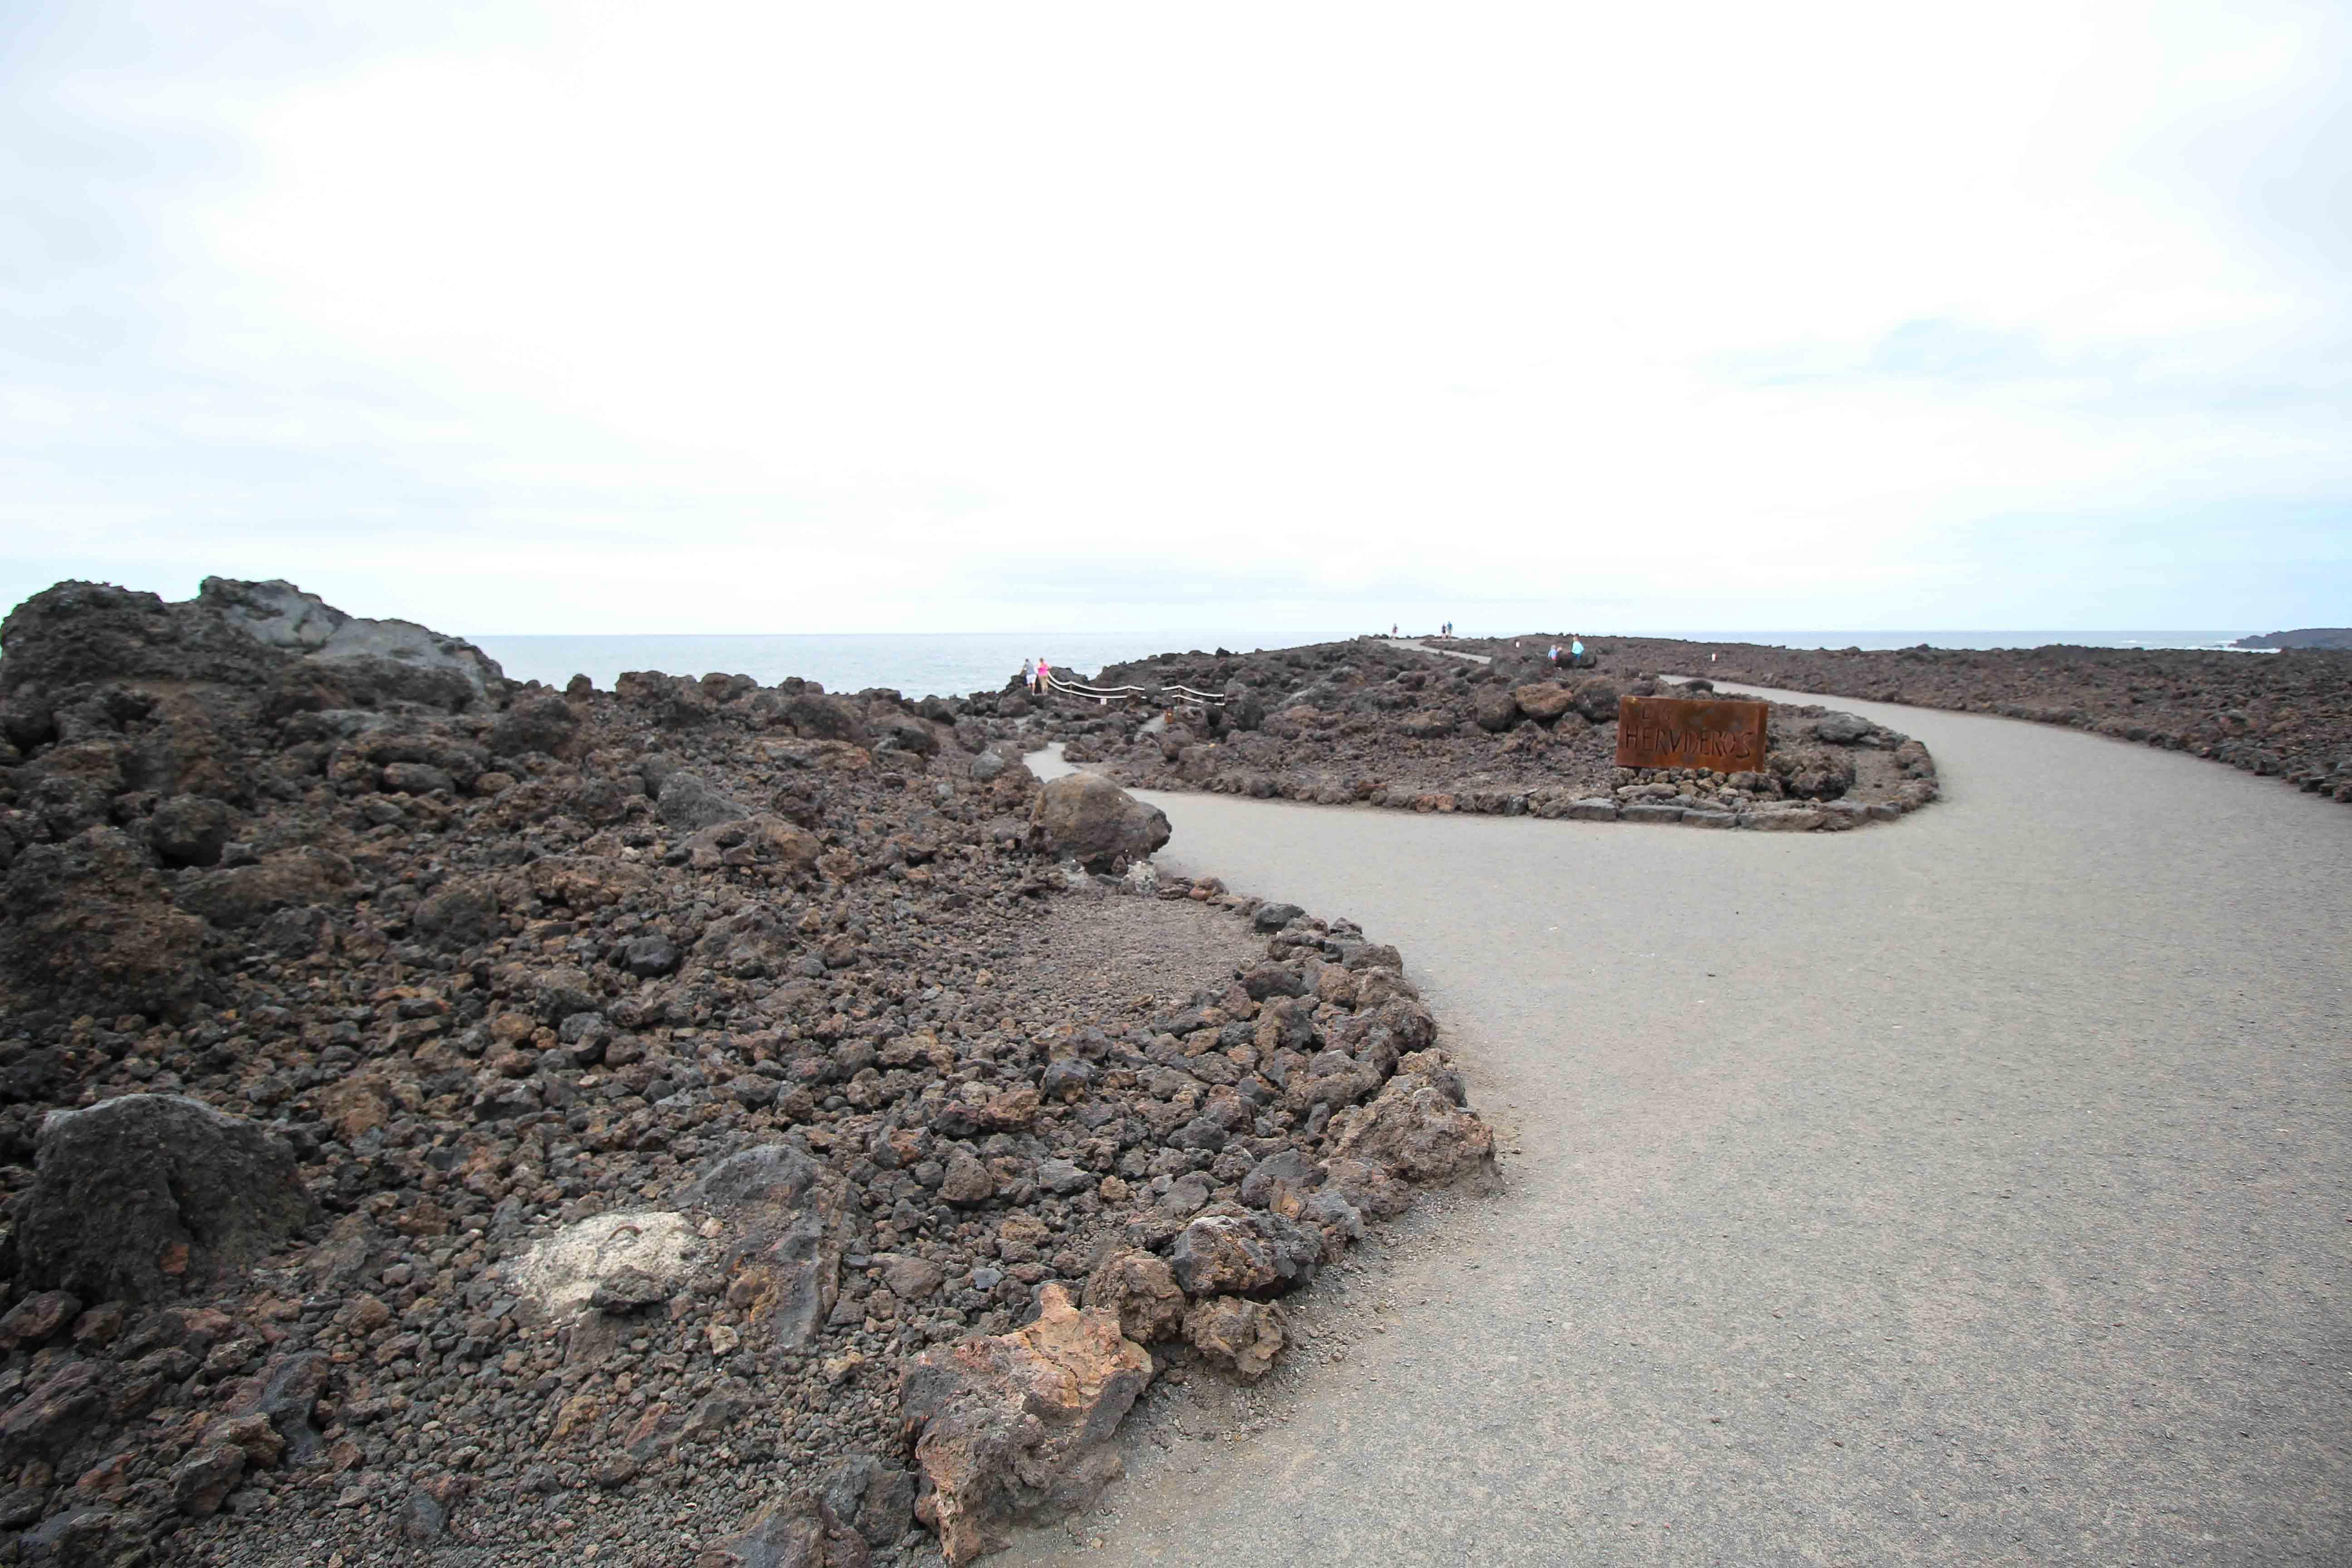 Los Hervideros Klippen Lava Top 10 Tipps Lanzarote Sehenswürdigkeiten Insider Tipps Lanzarote Spanien